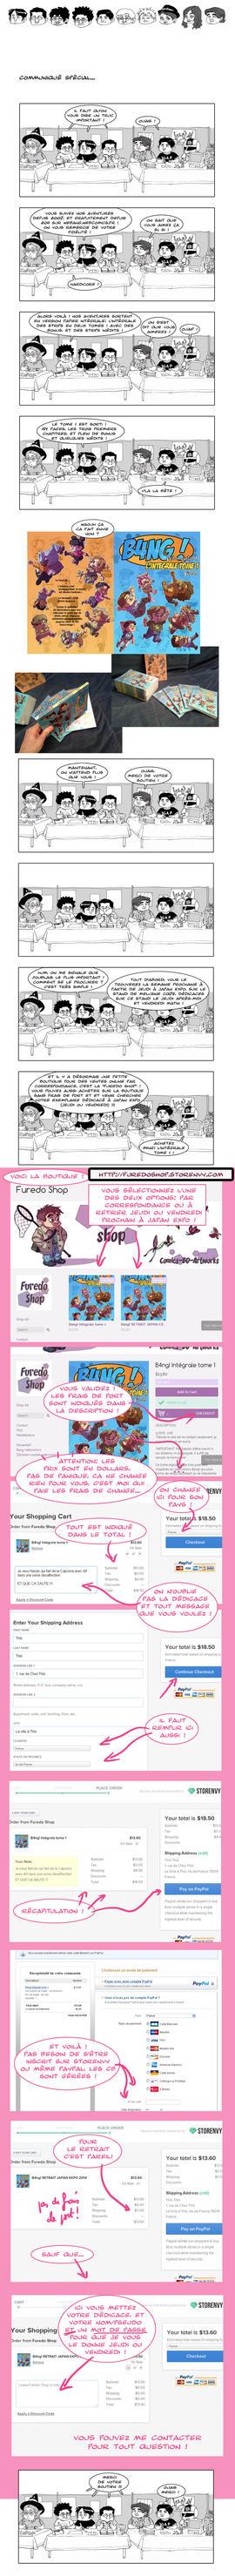 Boutique B4ng! by Furedo